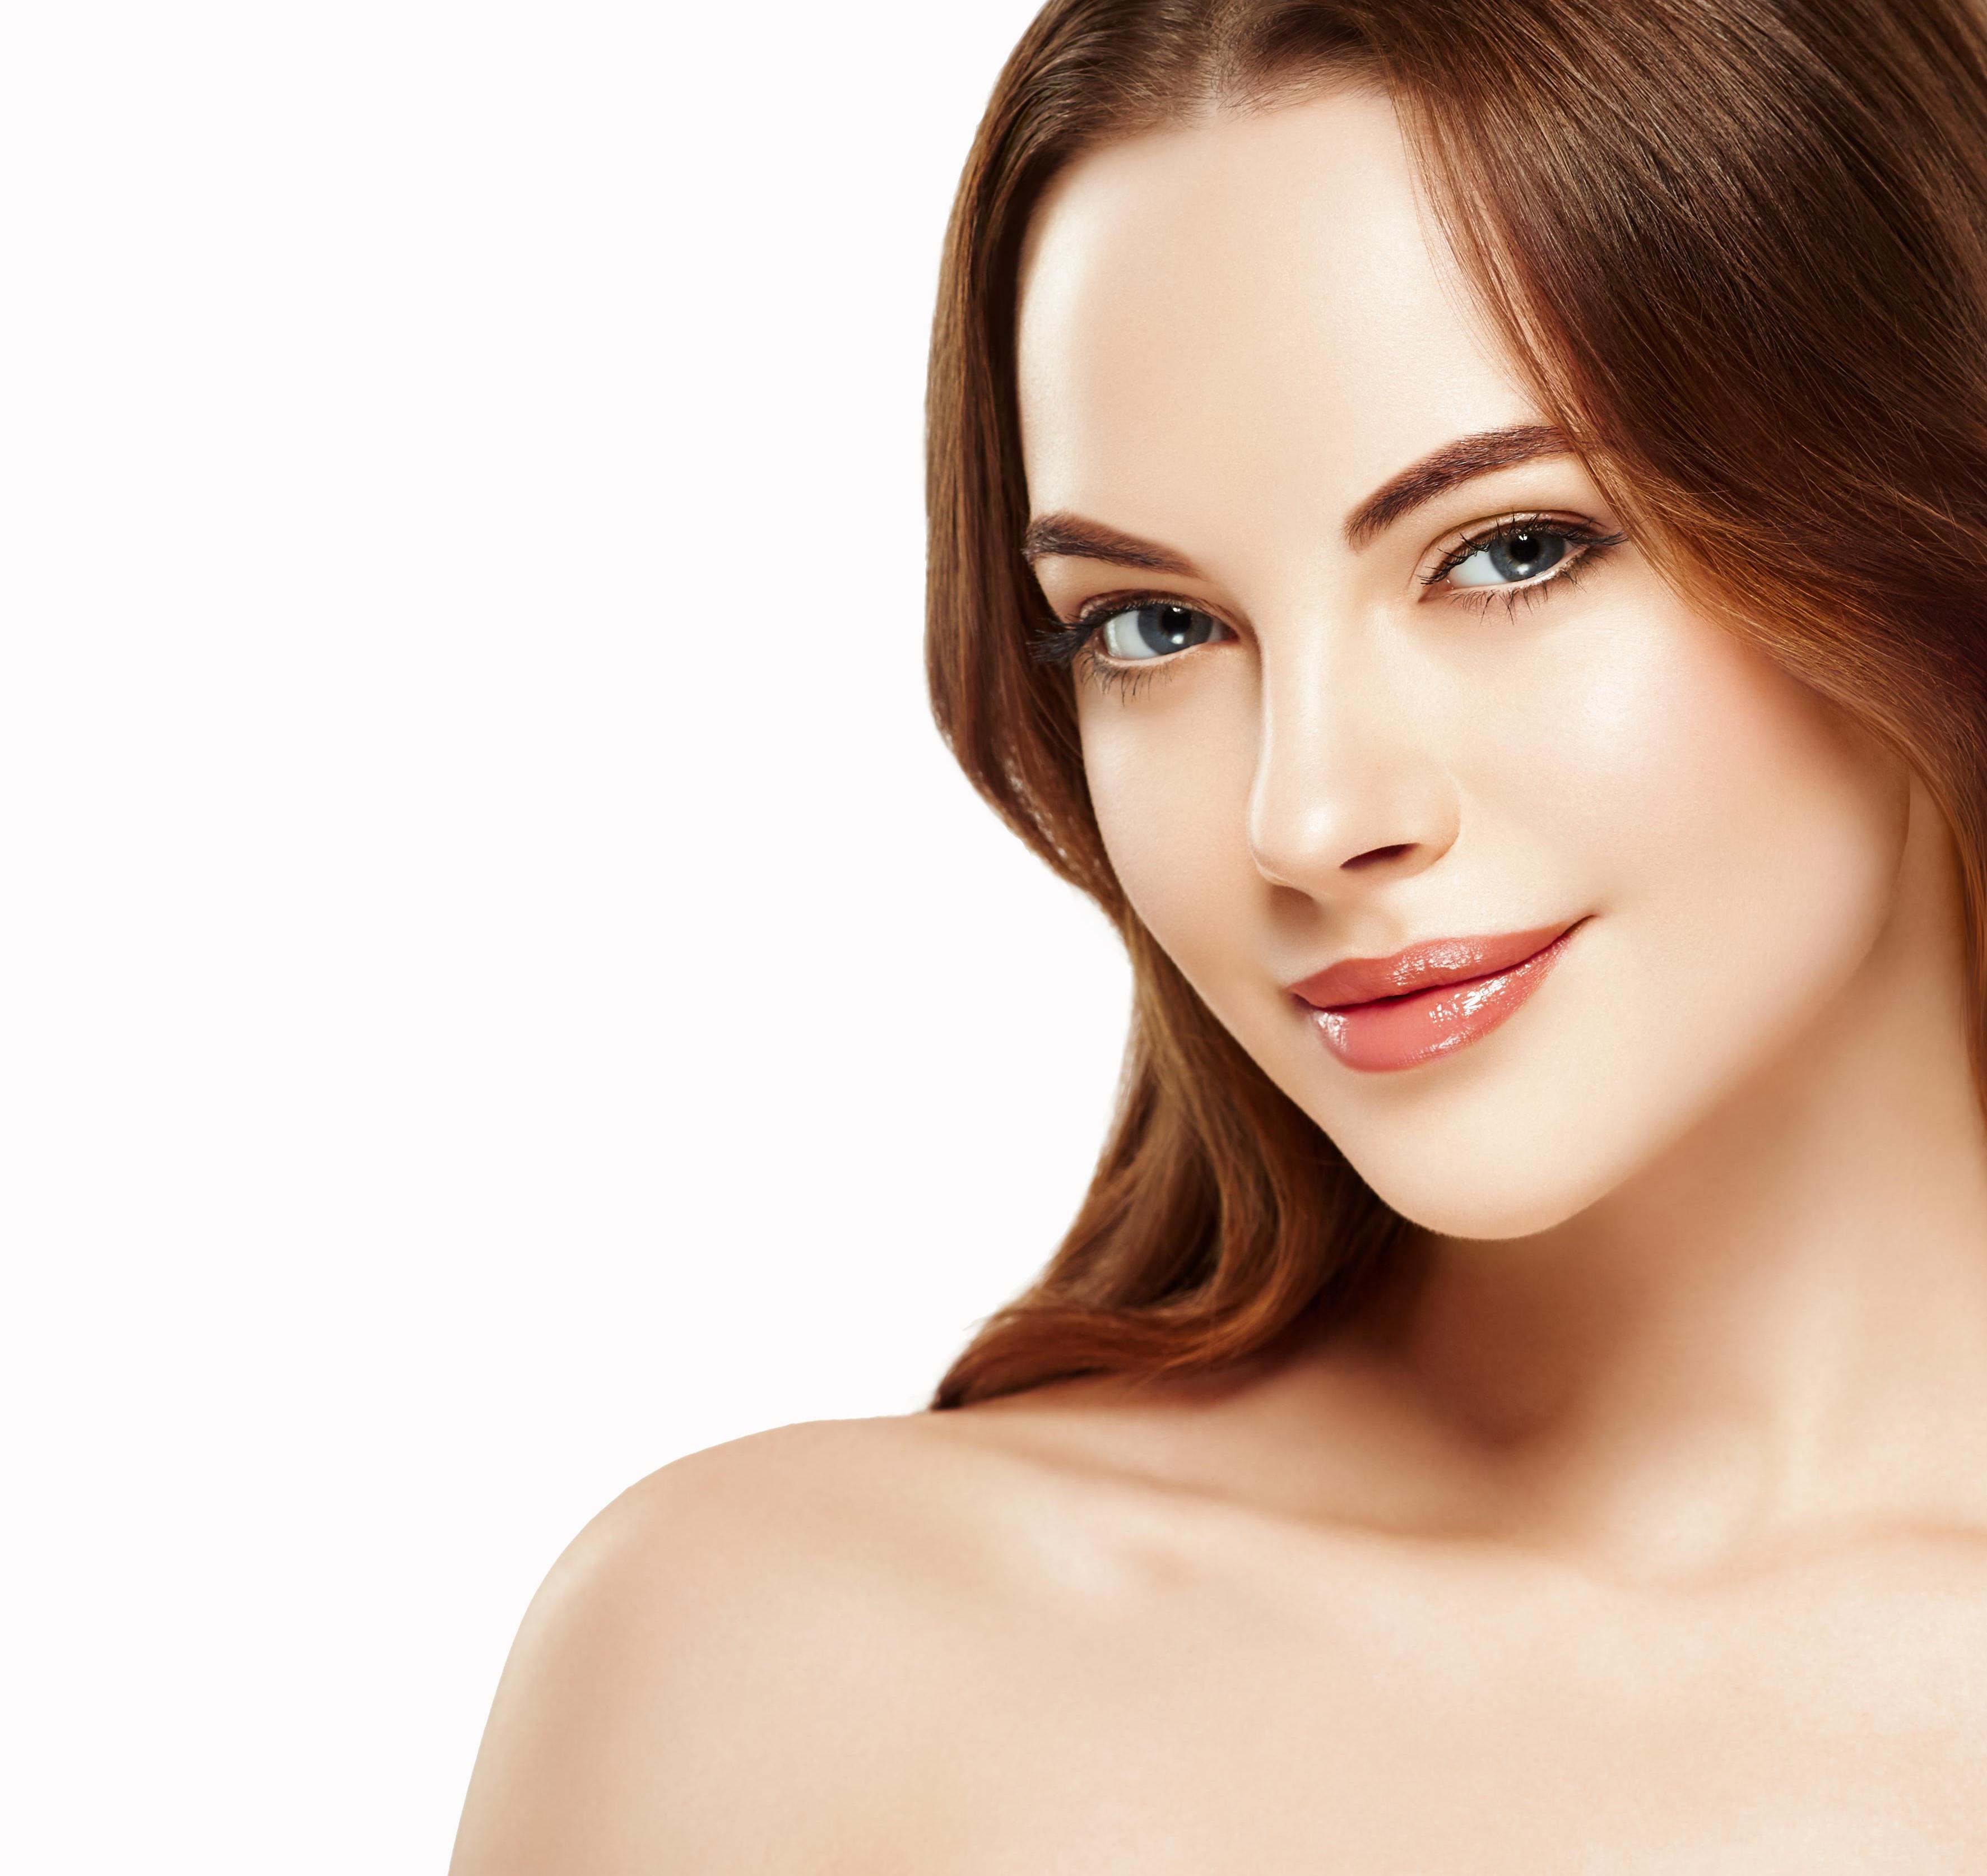 Woman- Hair and Make-up